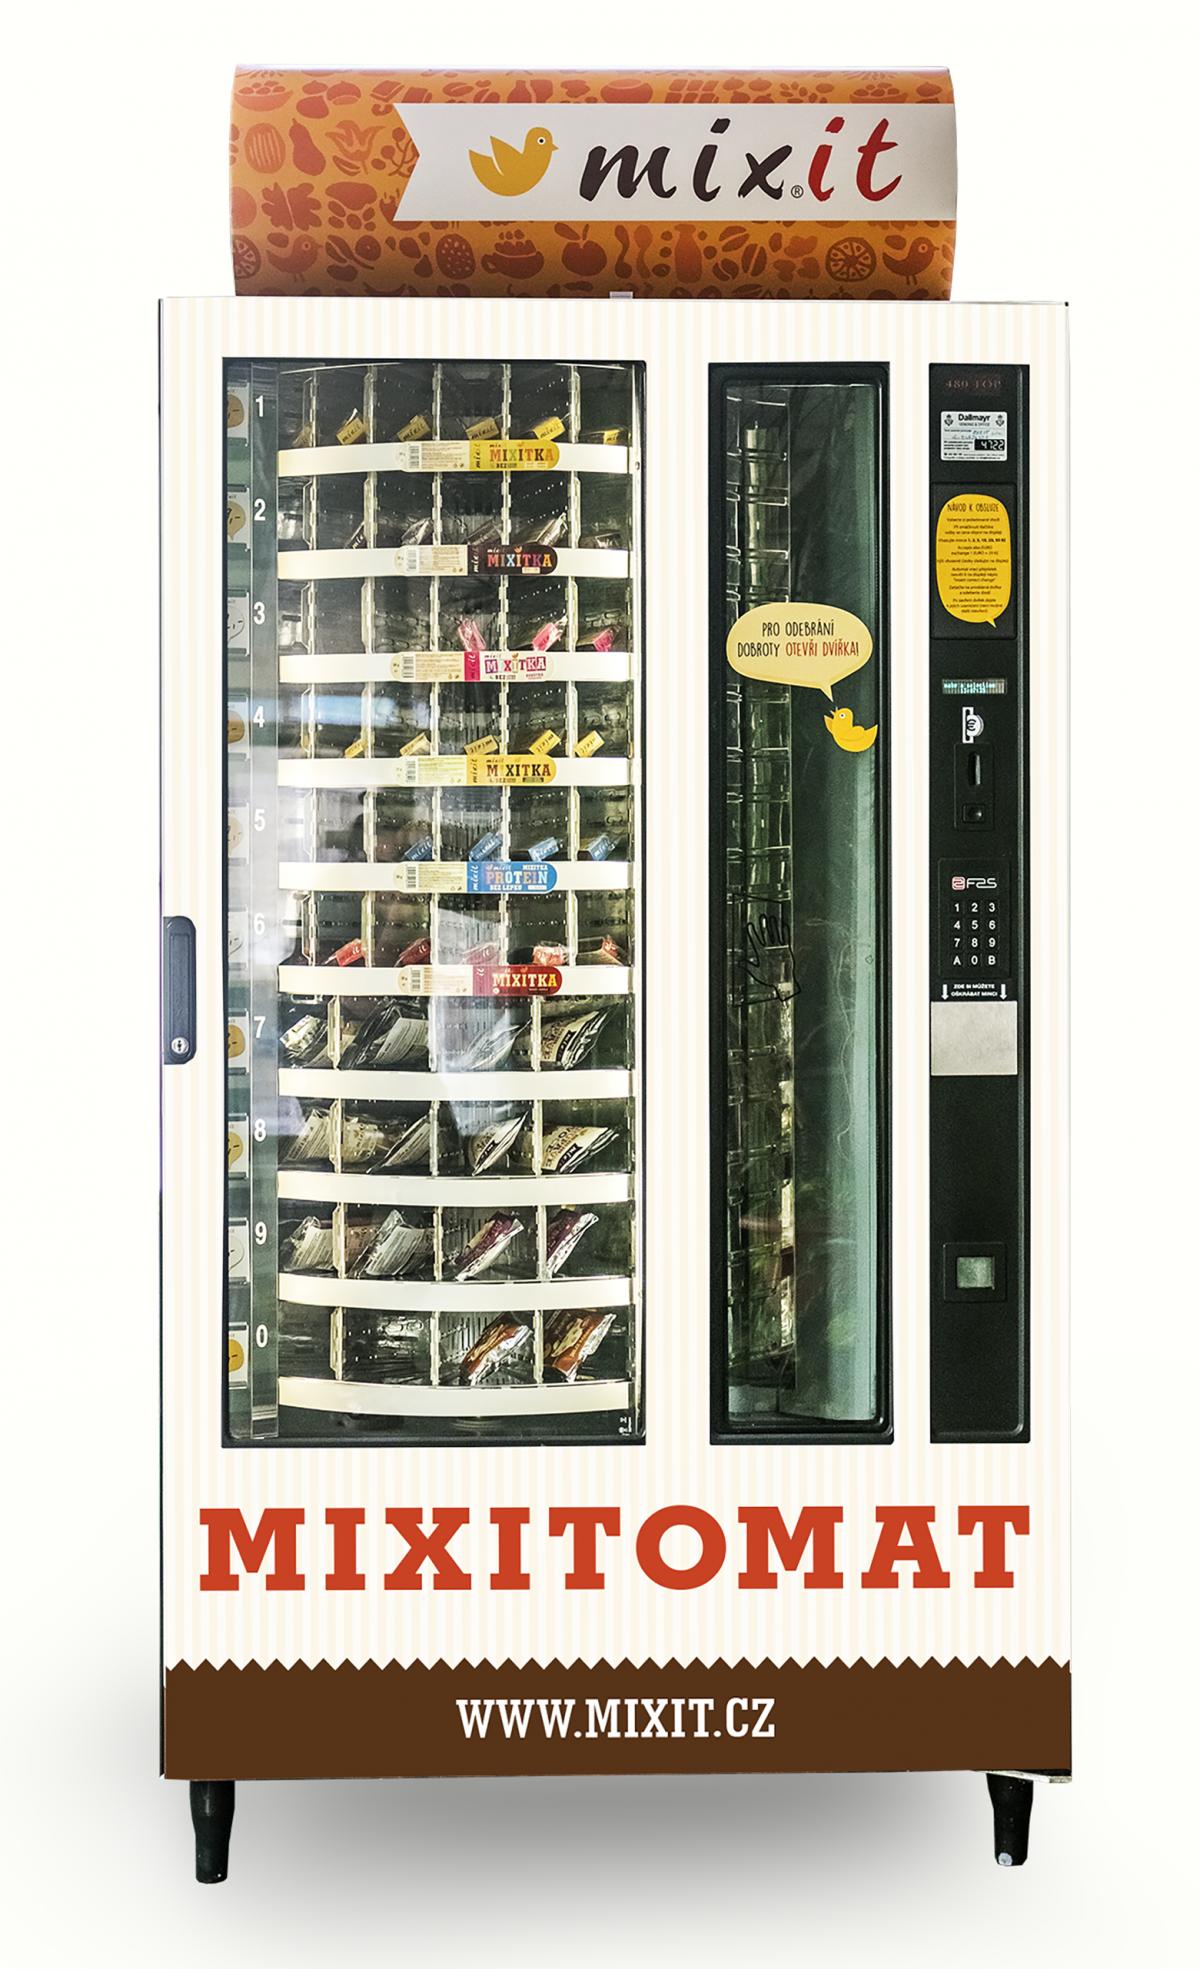 Automaty, které chce Mixit v Česku uvést